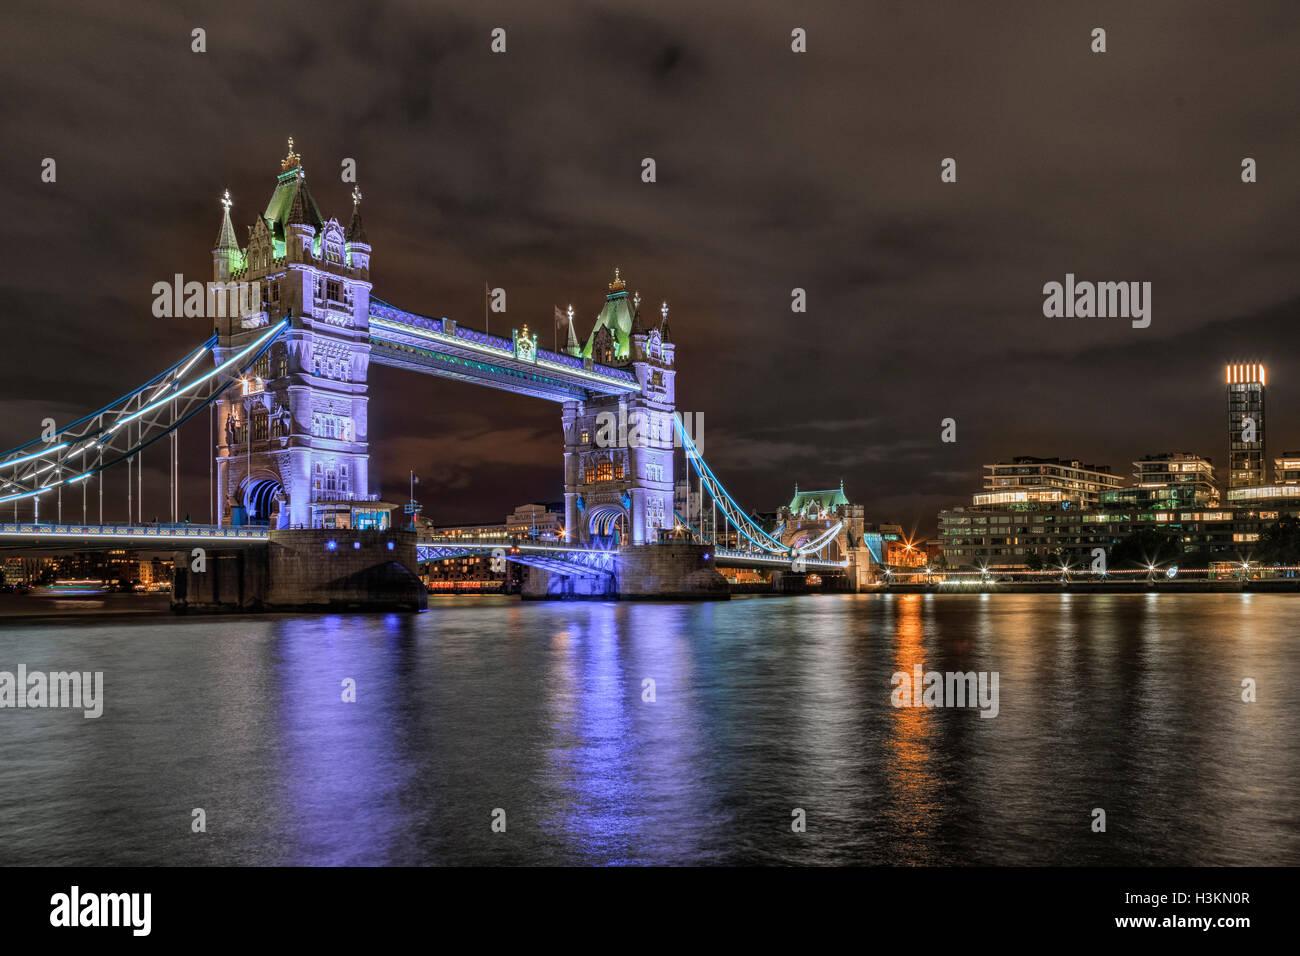 Il Tower Bridge di Londra, Inghilterra, Regno Unito Immagini Stock